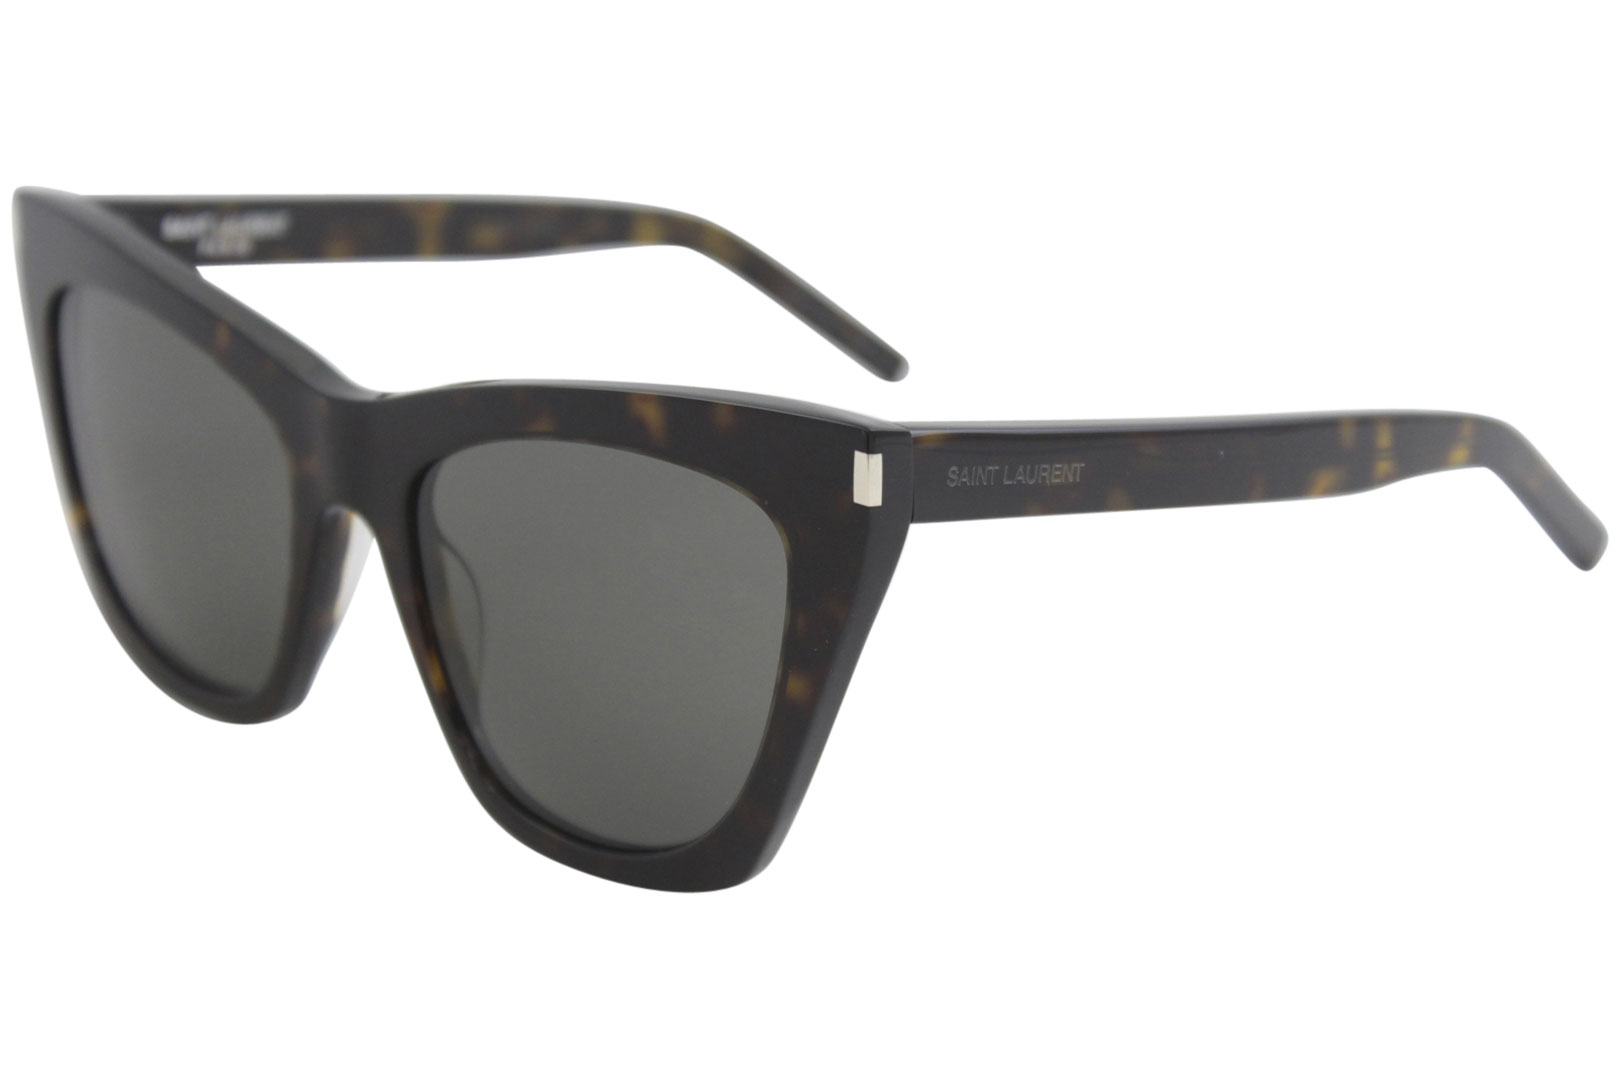 49b3536f3bd Details about Saint Laurent Women s Kate SL214 SL 214 006 Havana Cat Eye  Sunglasses 55mm